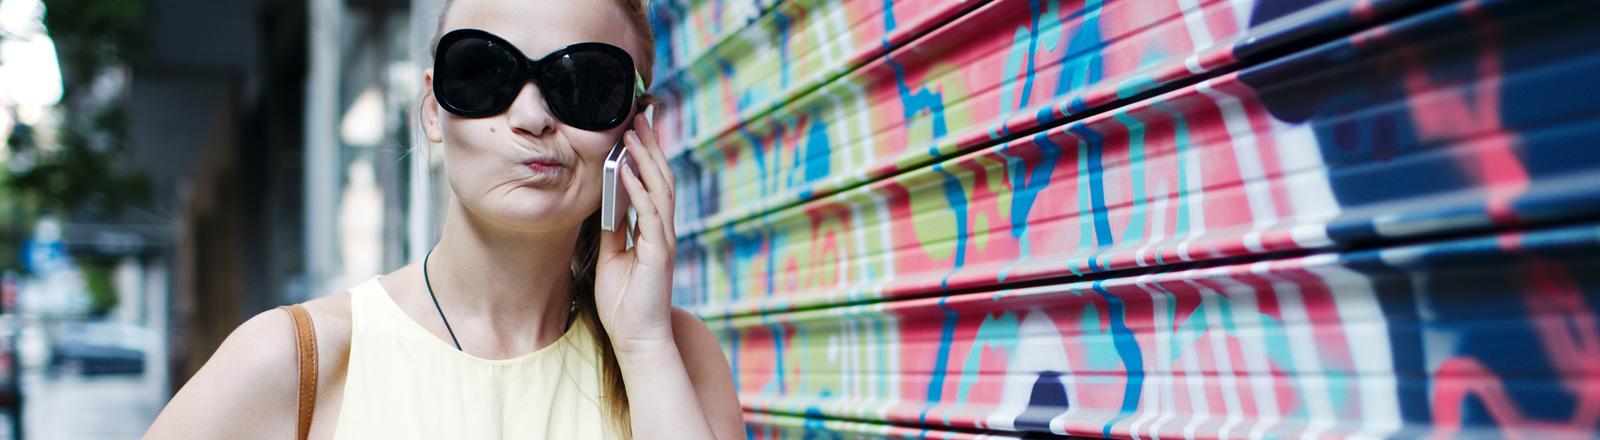 Eine Frau steht auf einer Straße. Sie trägt ein gelbes Kleid und eine schwarze Sonnenbrille. Mit ihrer linken Hand hält sie ein Mobiltelefon ans Ohr. Sie verzieht ihren Mund und wirkt dadurch leicht genervt.